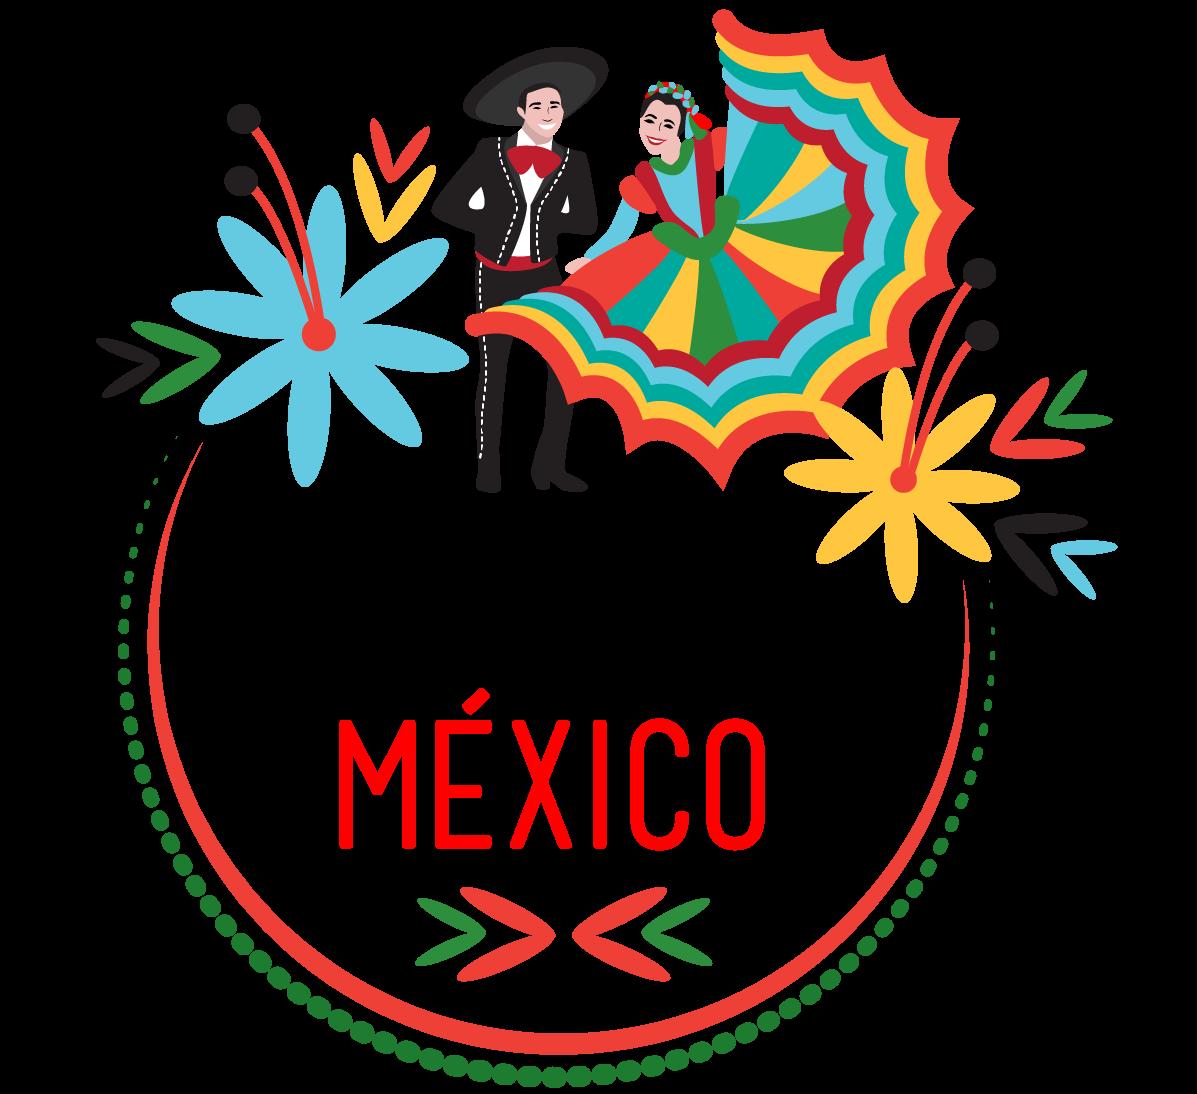 ¡Baila México! – Mexikanische Tanzgruppe